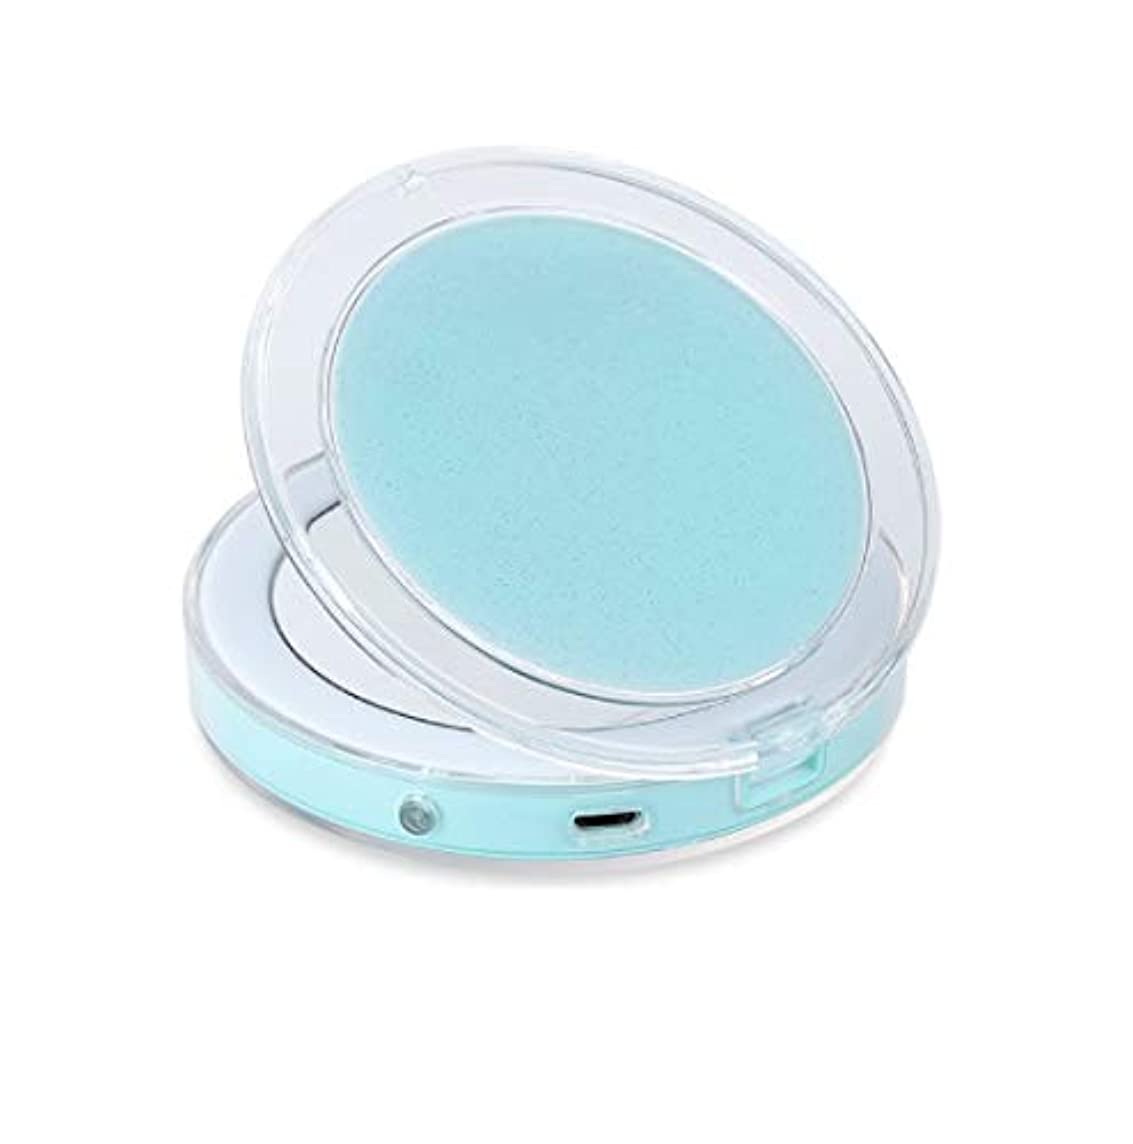 雑多な航空機湖ミニポータブルled化粧鏡折りたたみ光化粧鏡3回小さな夜の光ミラー (Color : グリーン)